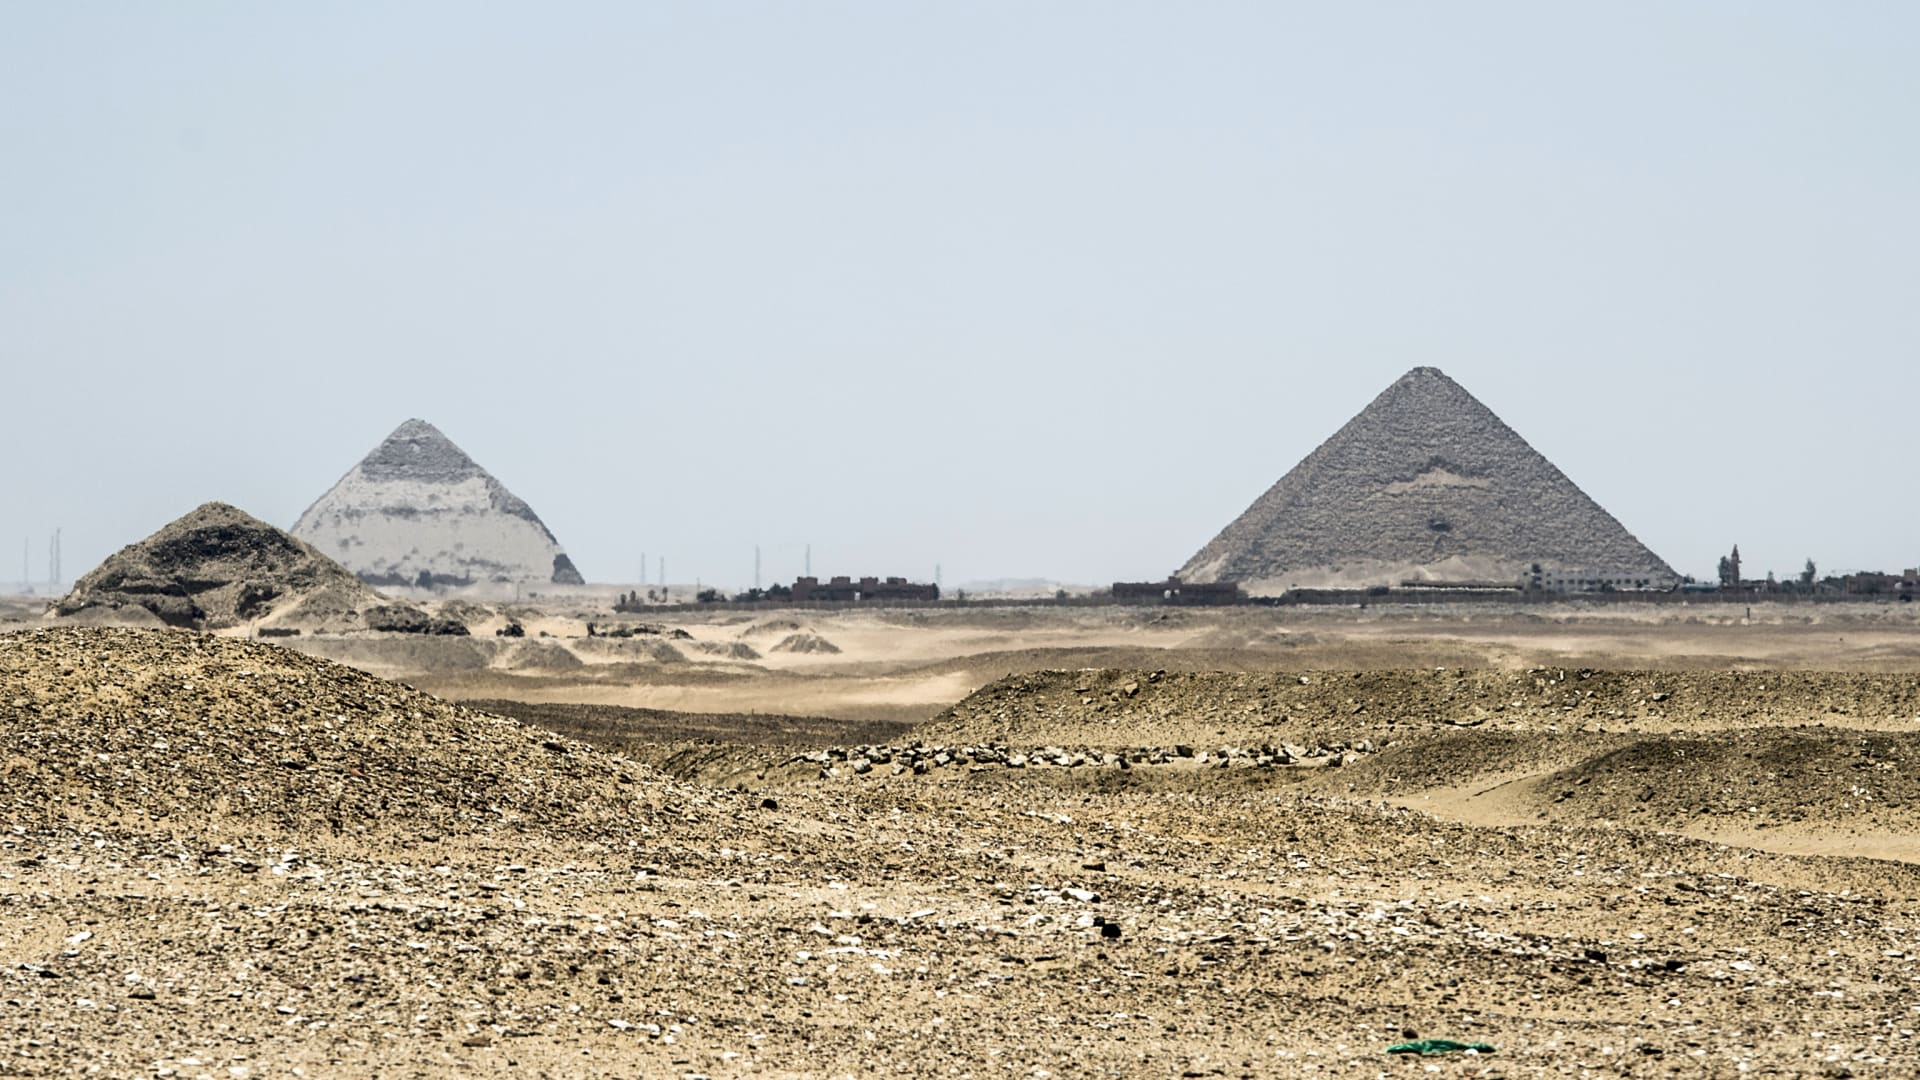 تفاعل رواد التواصل الاجتماعي بعد إعلان مصر عن أكبر كشف أثري في عام 2020